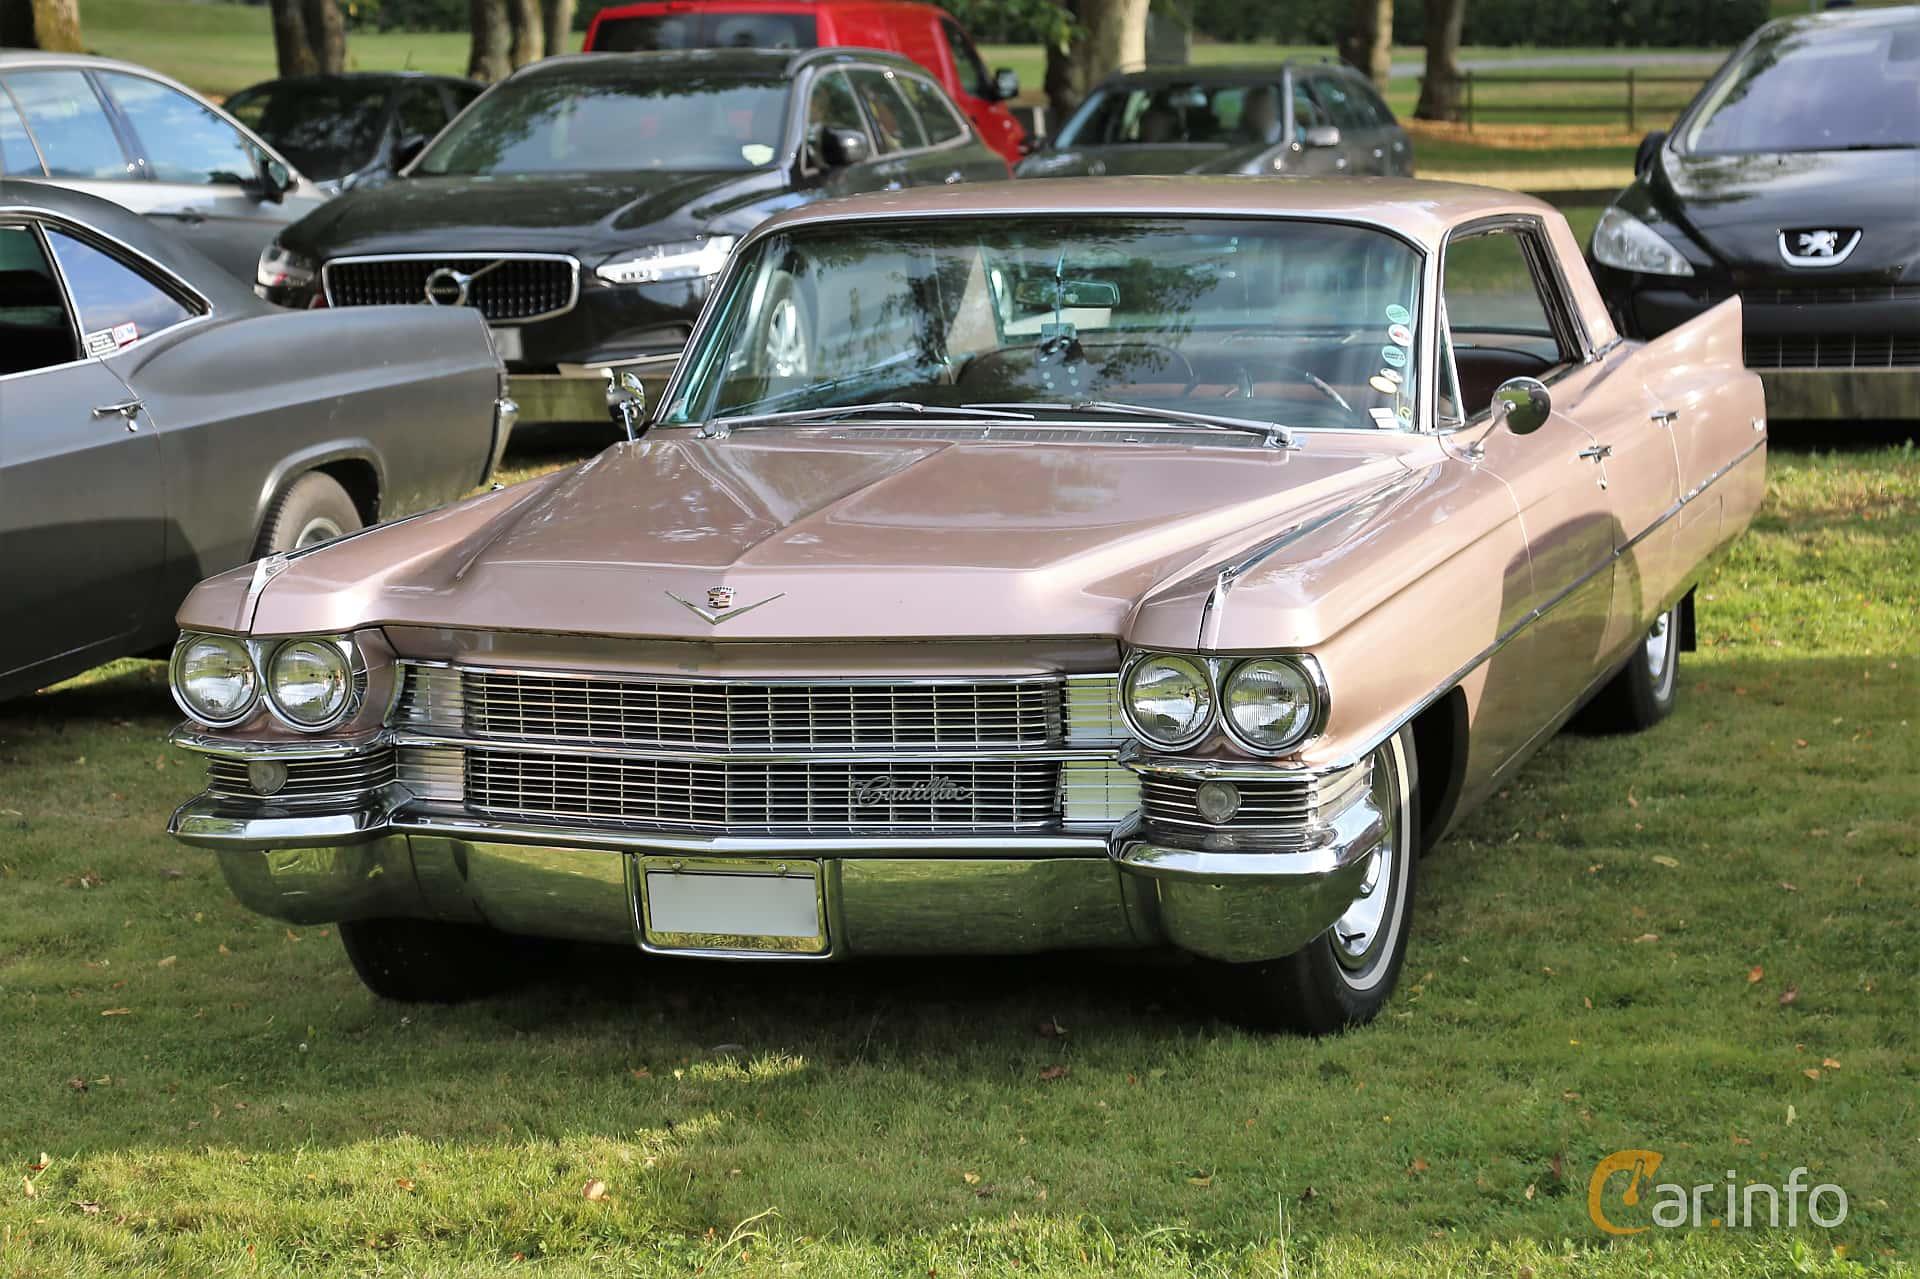 Cadillac Sedan de Ville 4-window 6.4 V8 OHV Hydra-Matic, 330hp, 1963 at Kungälvs Kulturhistoriska Fordonsvänner  2019 Torsdag vecka 31